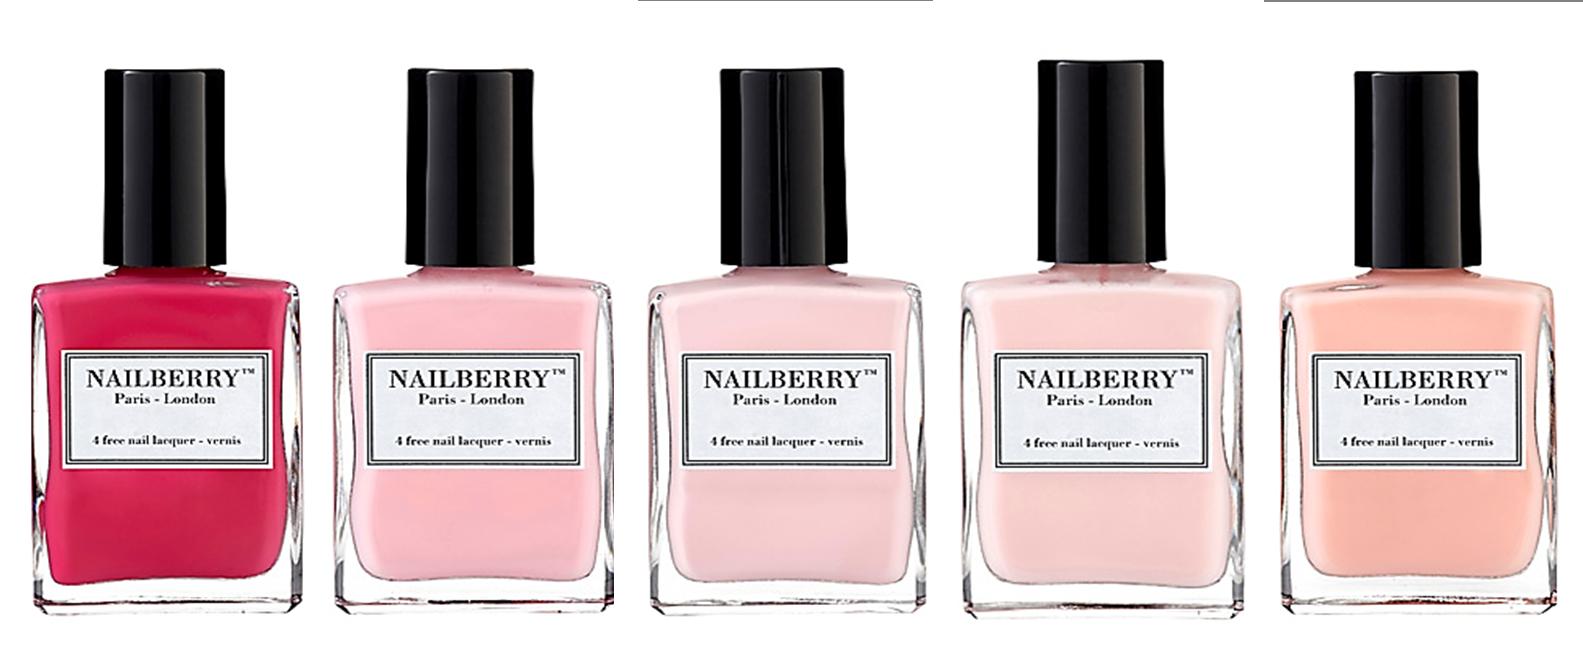 Nailberry nail polish collection | hair and makeup | Pinterest ...